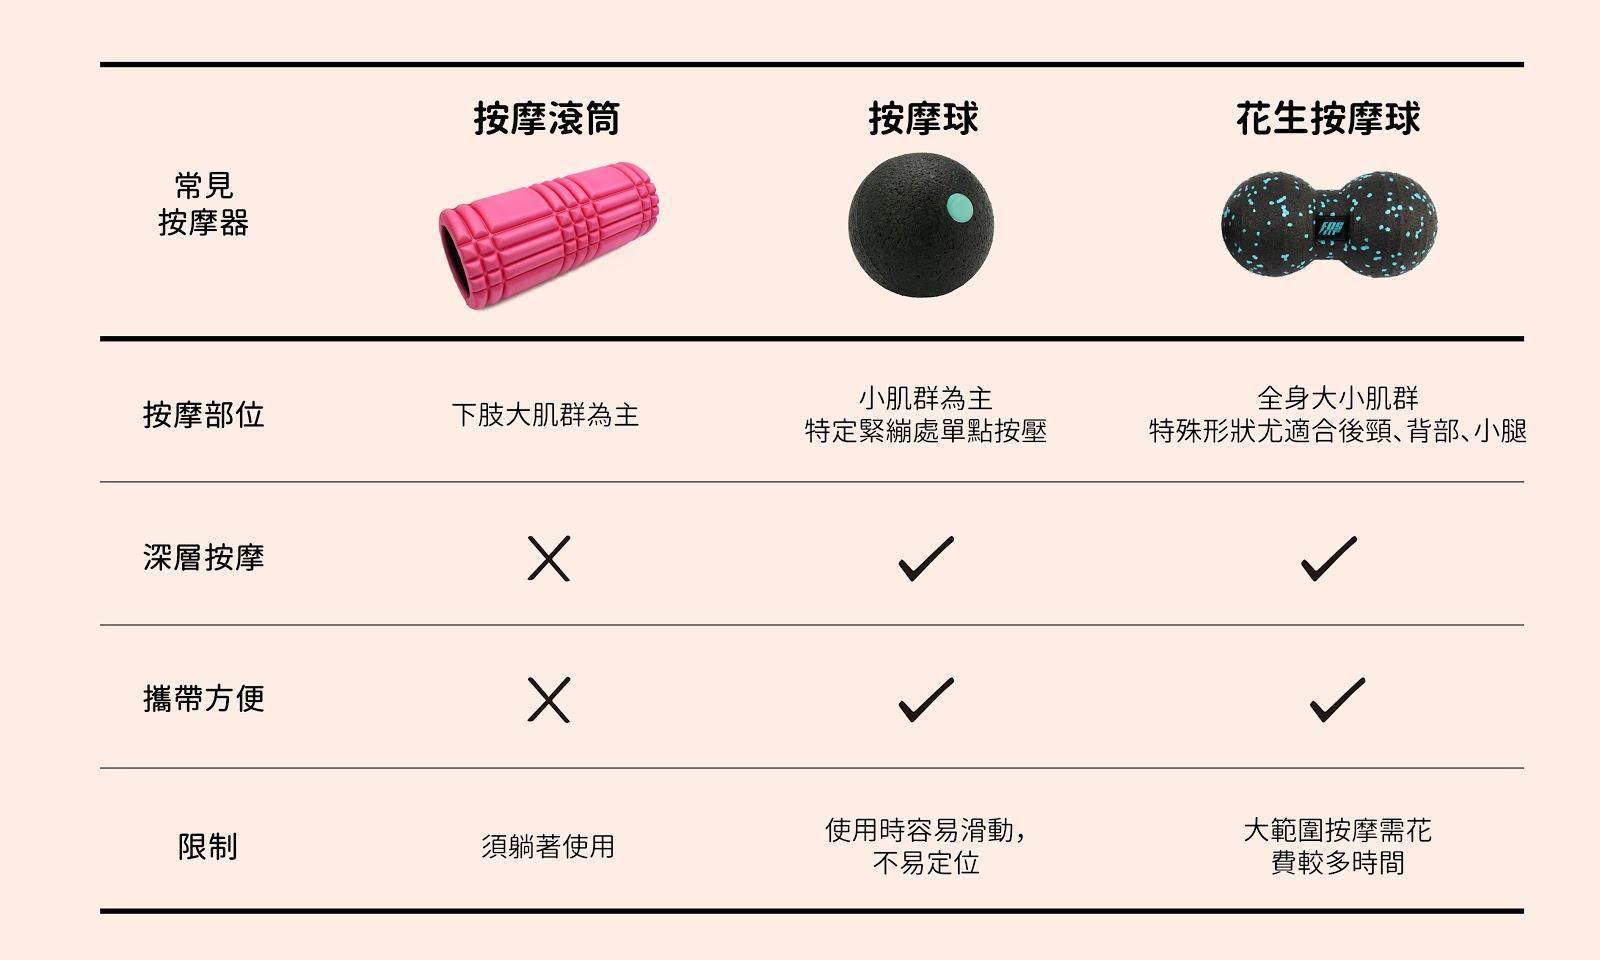 常見的按摩器,包含按摩滾筒、按摩球、花生按摩器